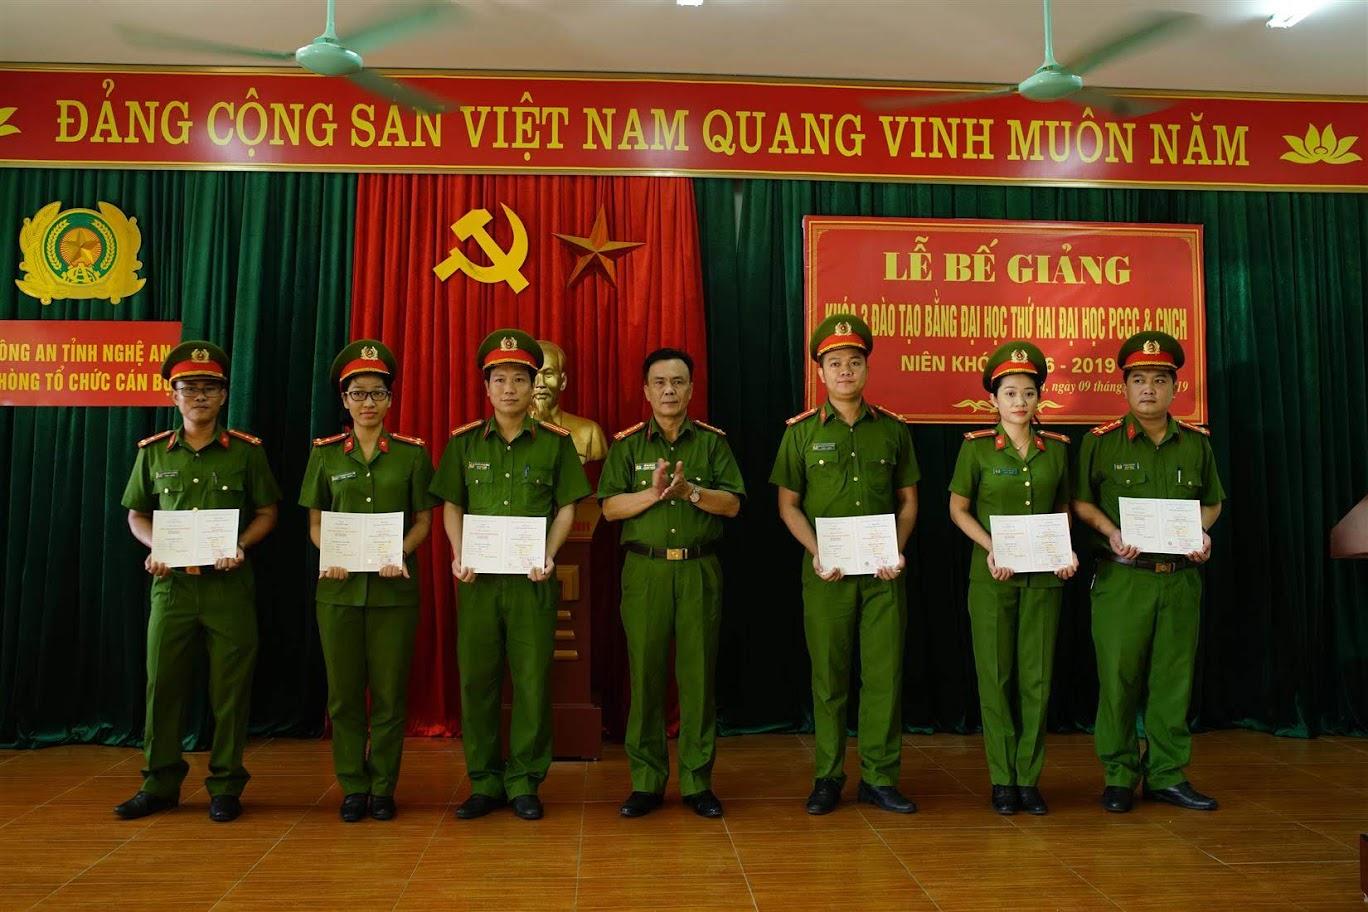 3.Đồng chí Đại tá Lê Quang Hải tặng giấy khen cho các học viên đạt thành tích xuất sắc trong học tập.